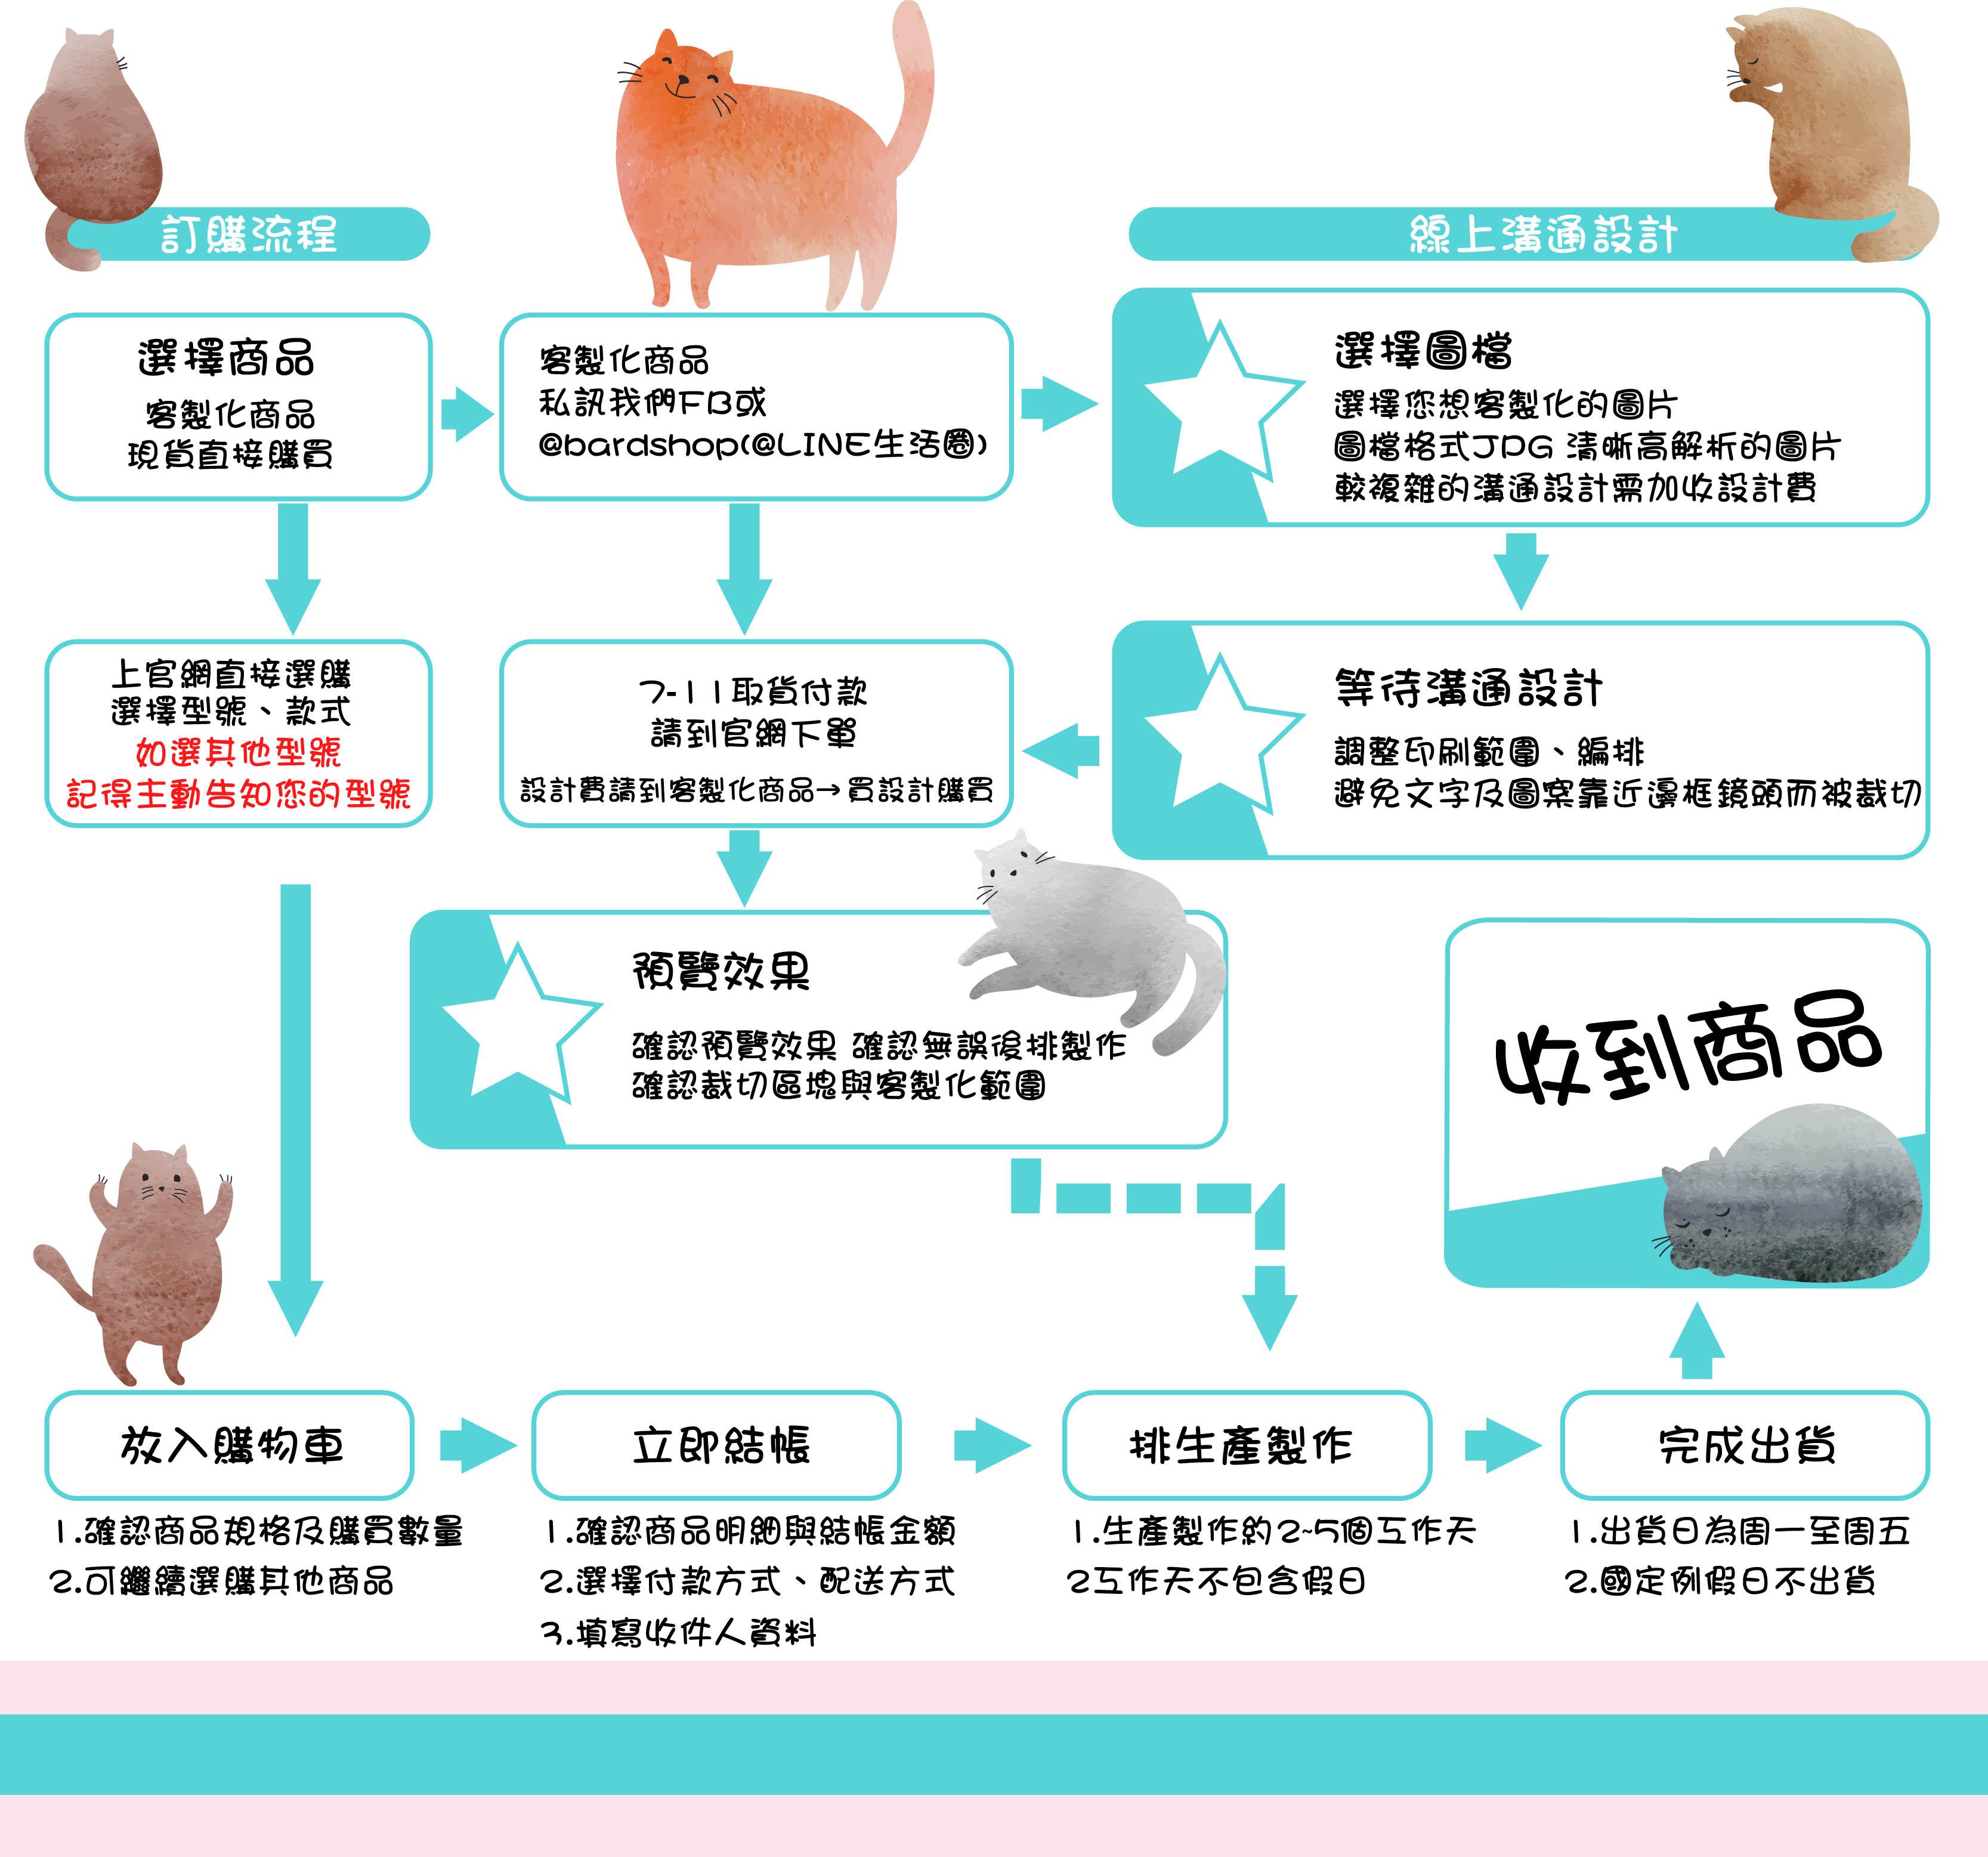 [SONY] ✨ 落花系列透明軟殼 ✨ 日本工藝超精細[Z2,Z3,Z4,Z5,Z5+,Z5C,C4,C5,M4,M5] 3